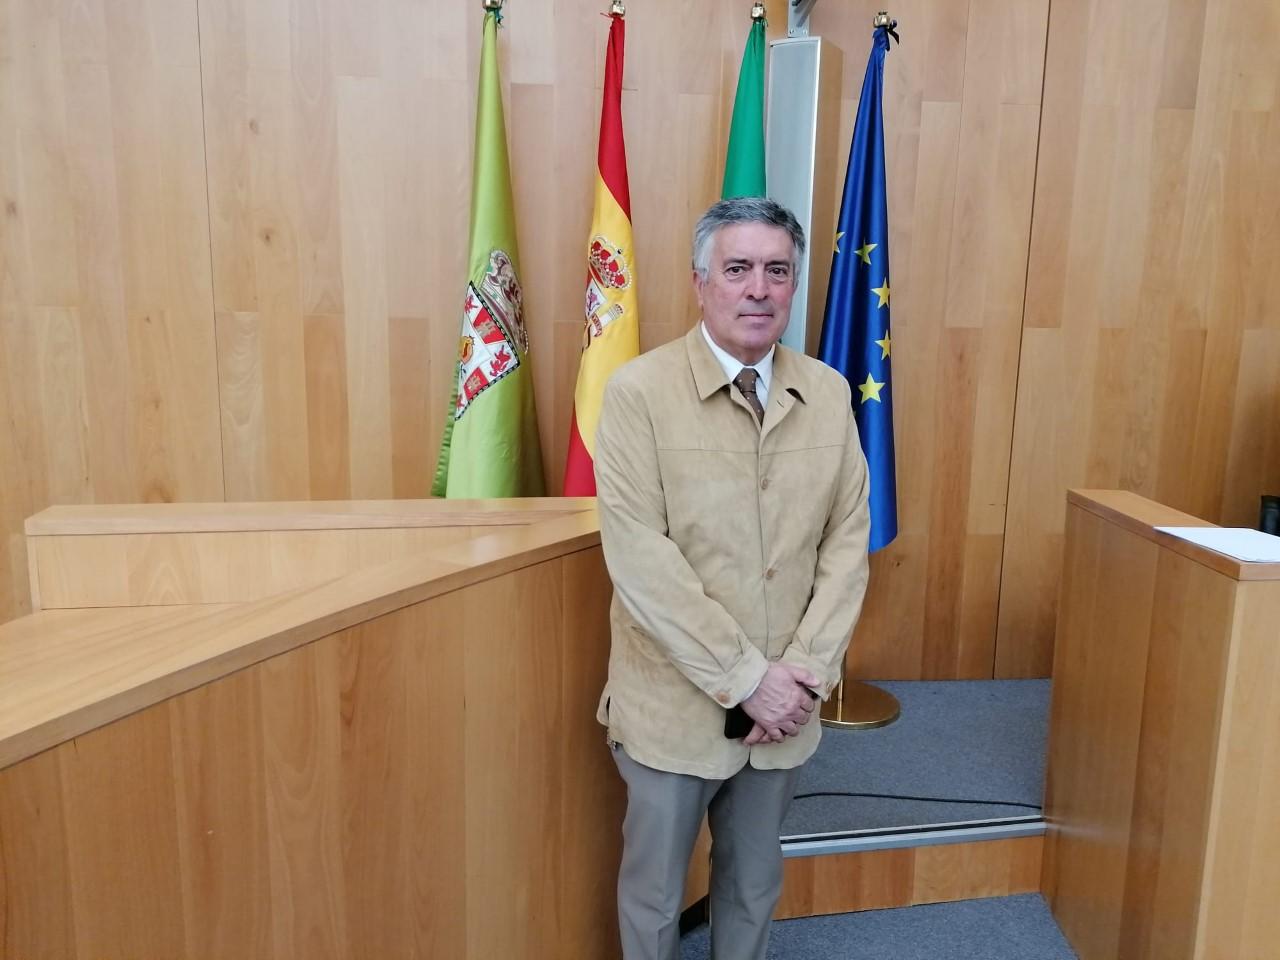 Ciudadanos propone que la Diputación impulse una Mesa de Coordinación de las Administraciones para favorecer la ejecución de obra pública en la provincia